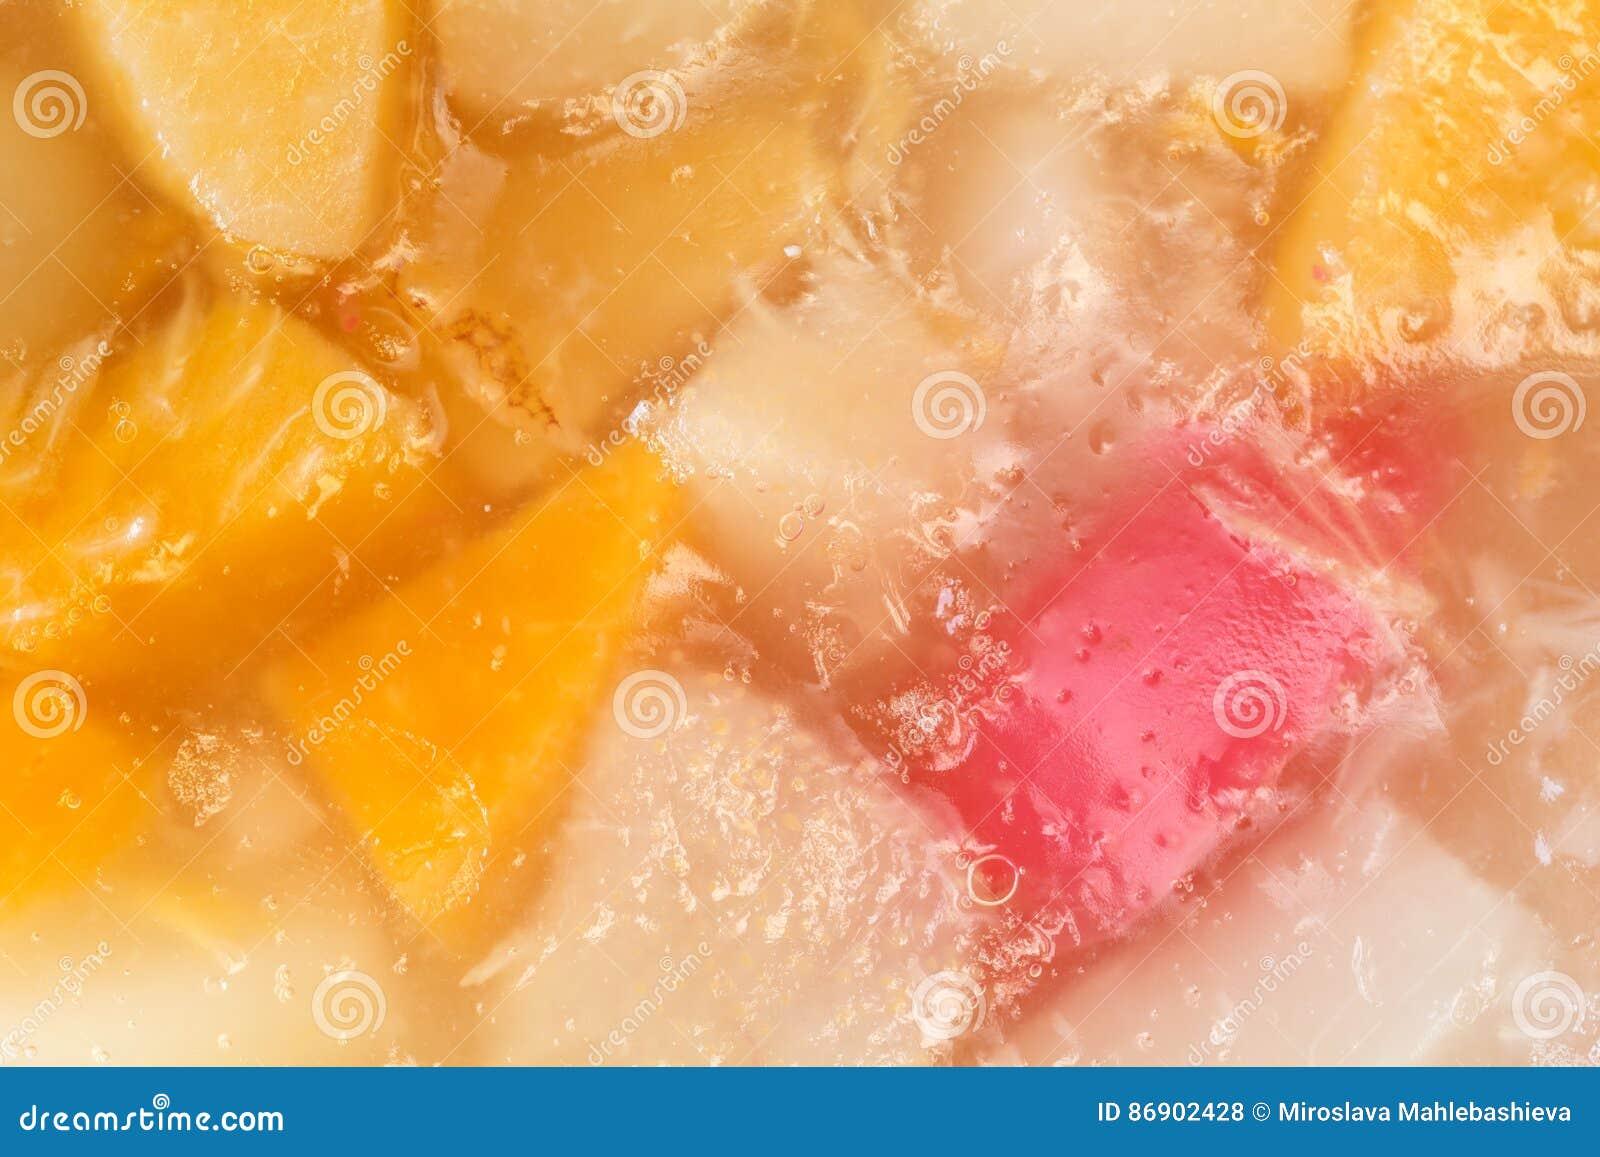 Sluit omhoog van een heerlijke eigengemaakte cake met fruitig geleisuikerglazuur